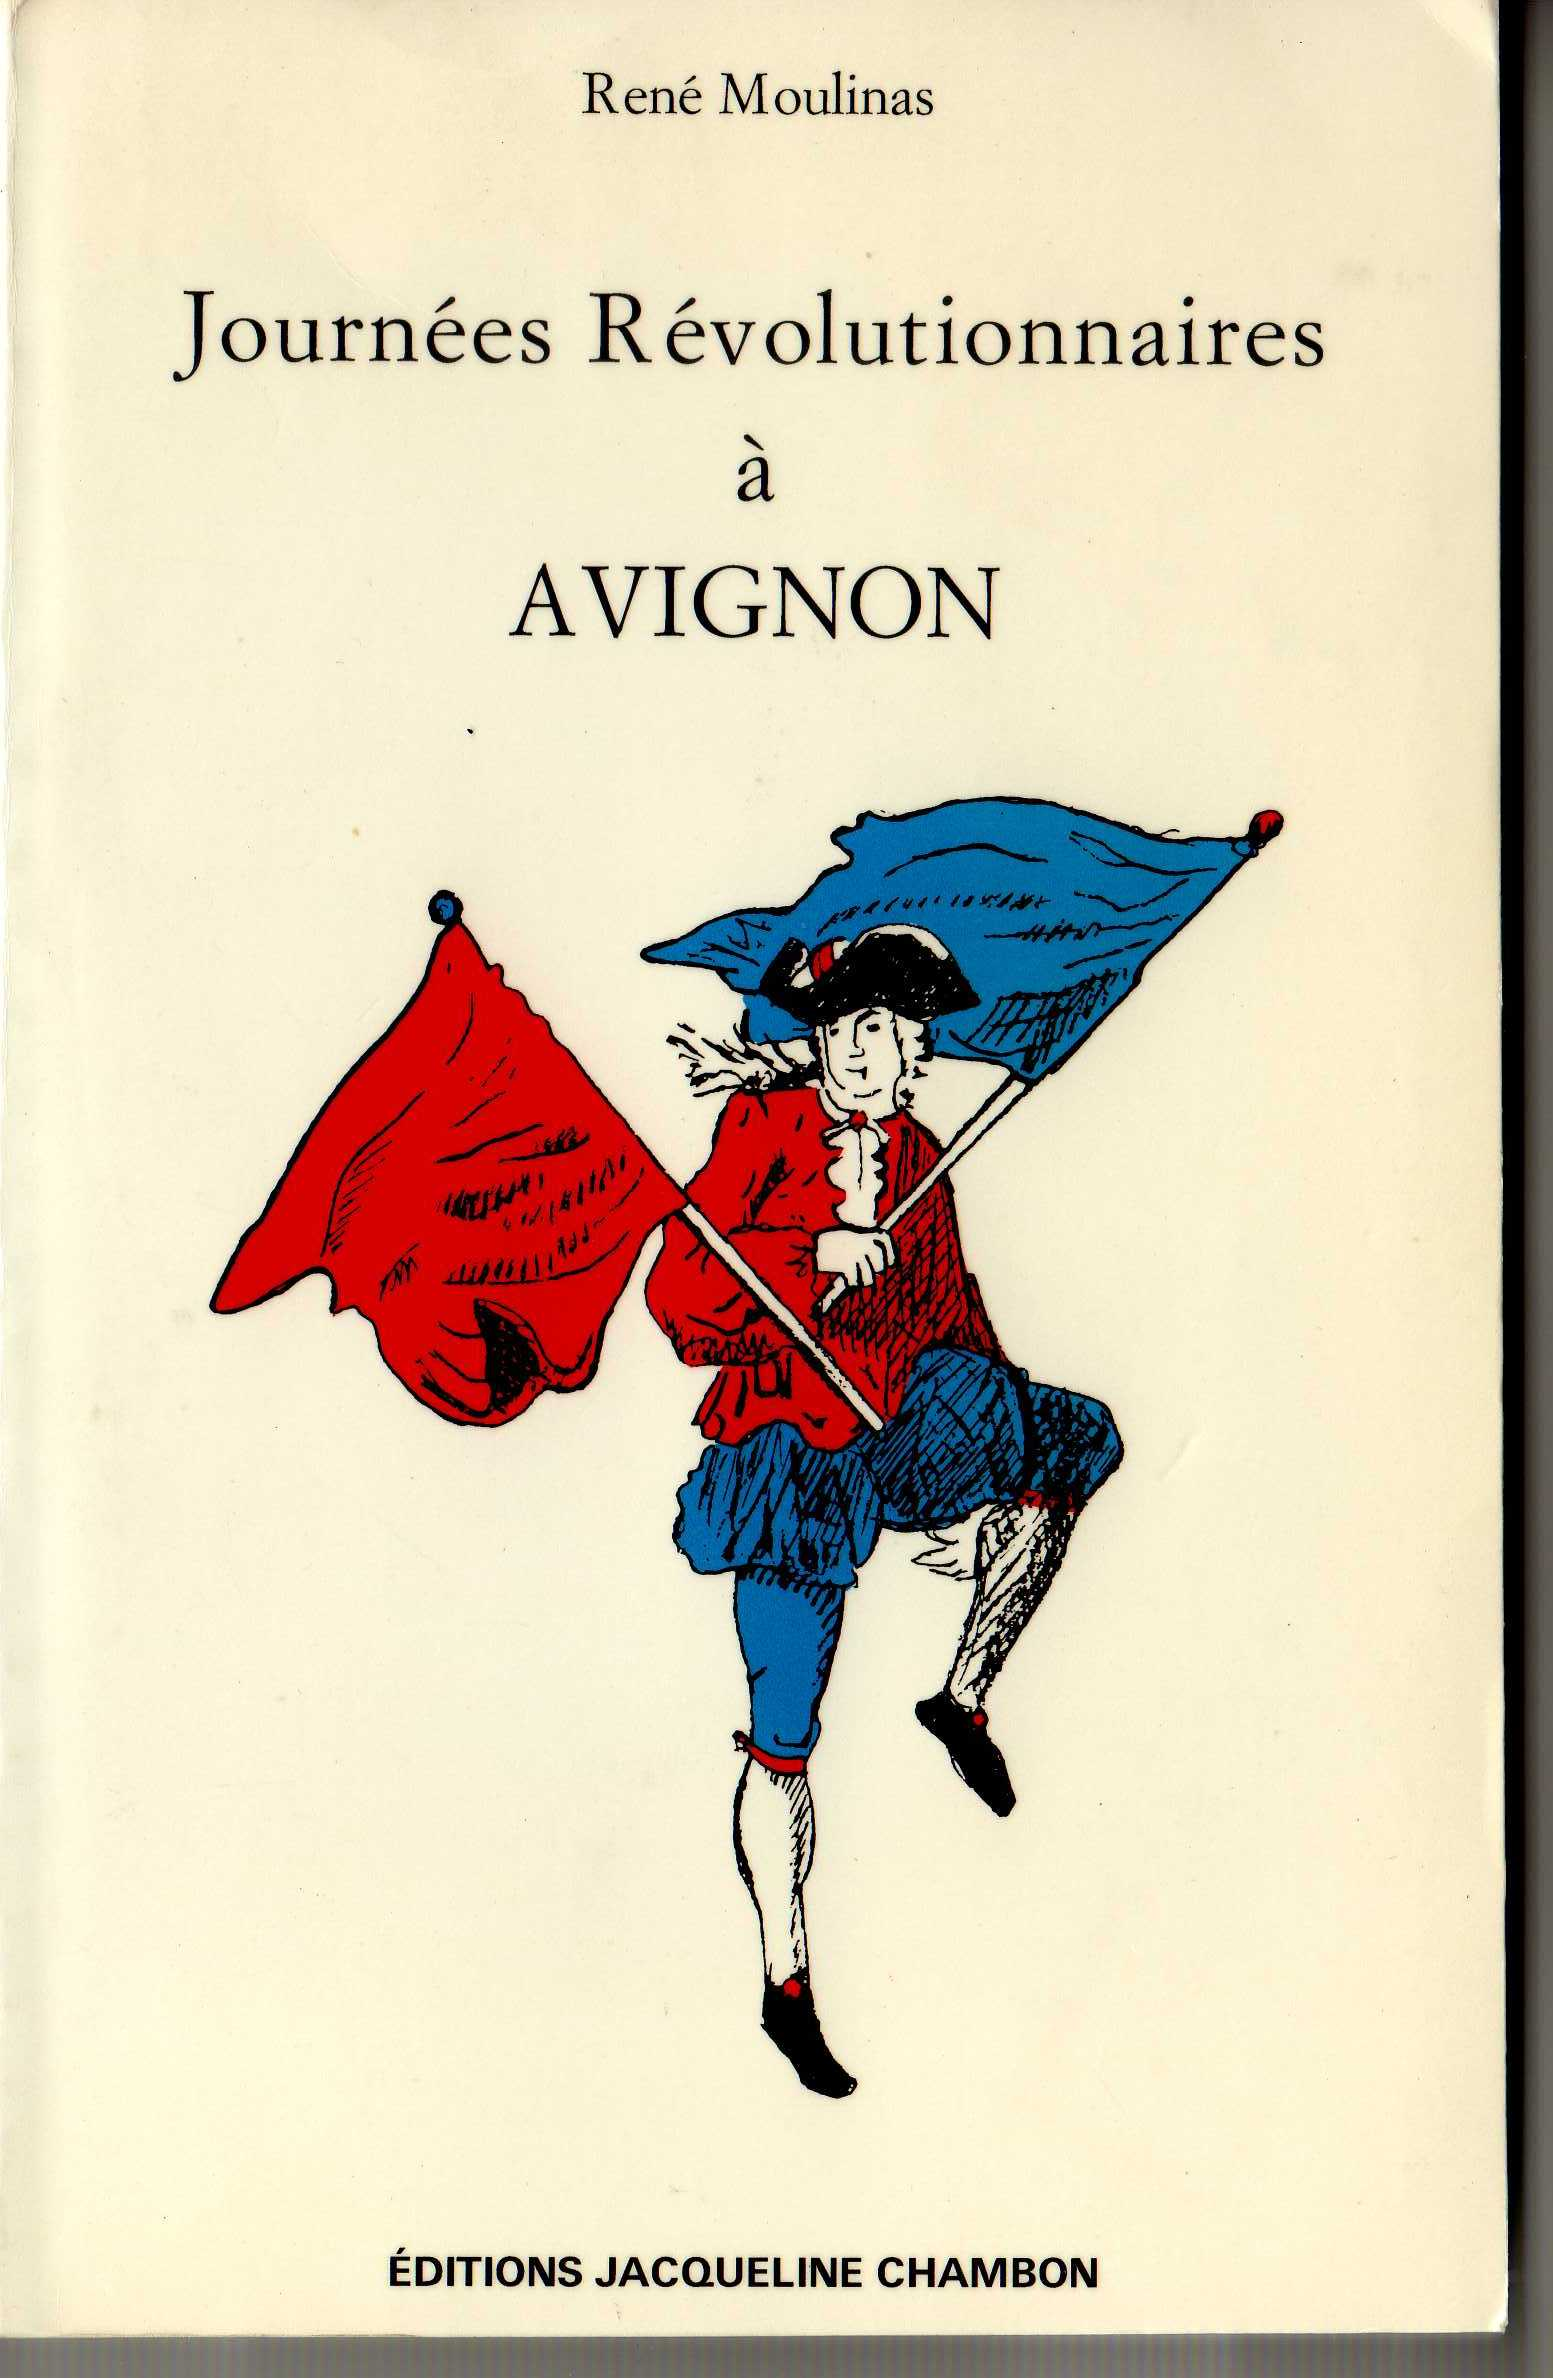 1989_avignon_livre_revolution.jpg